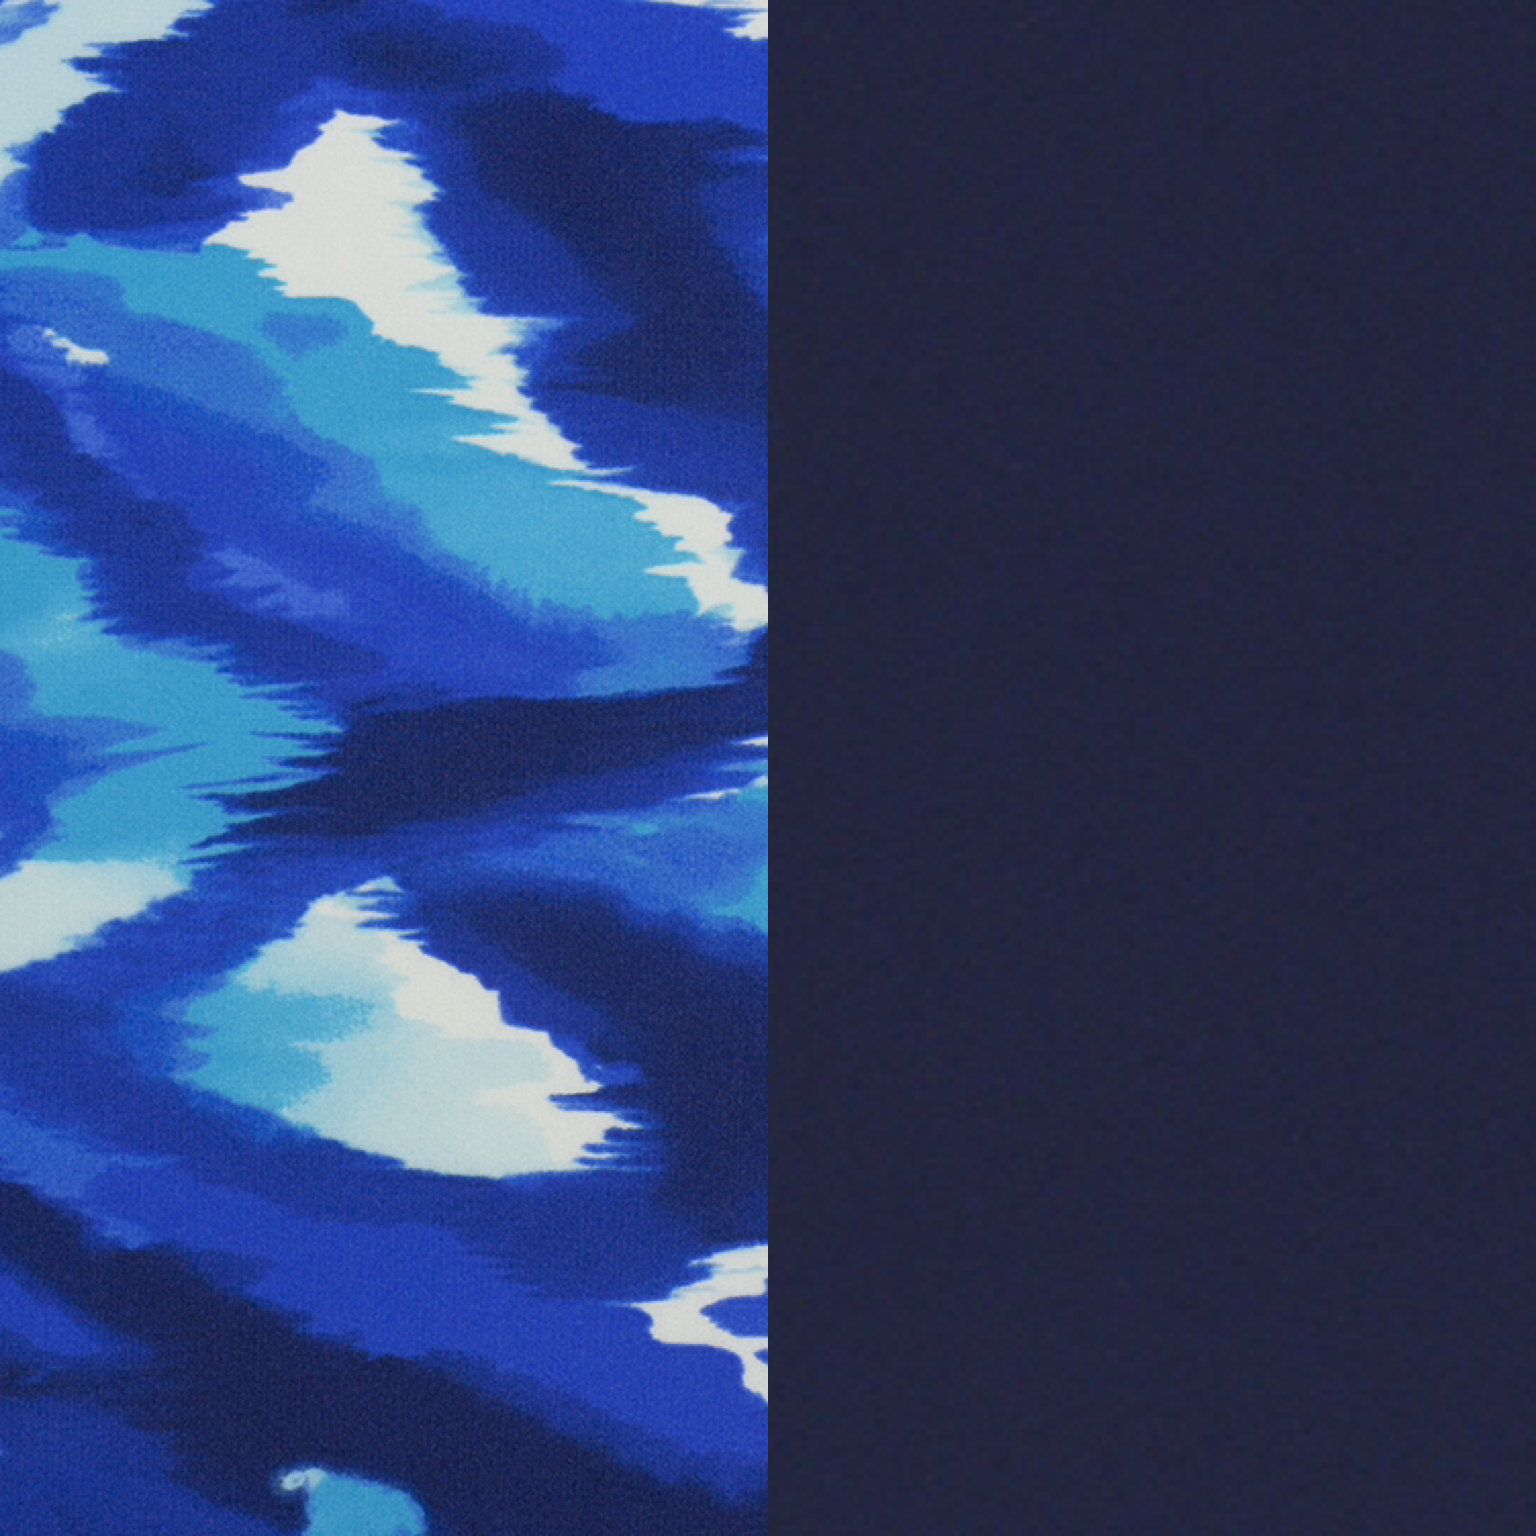 Ocean/Navy Blue